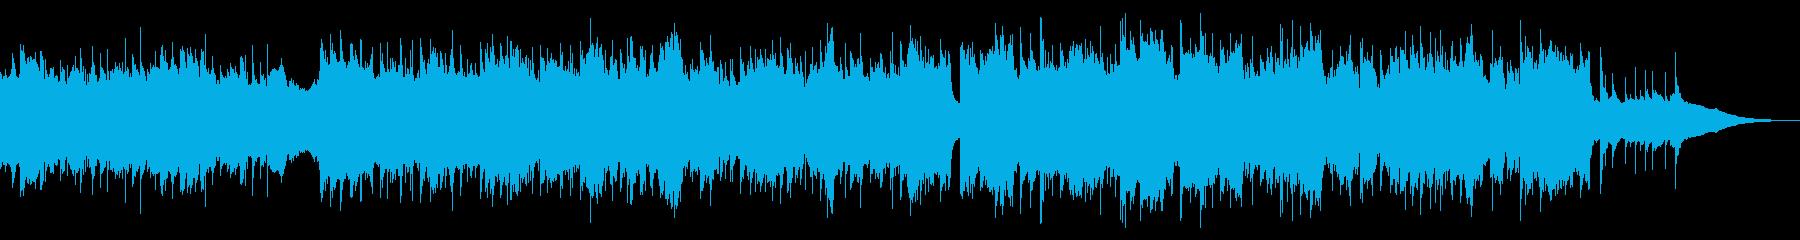 爽やかさを演出する軽快な4つ打ちBGMの再生済みの波形